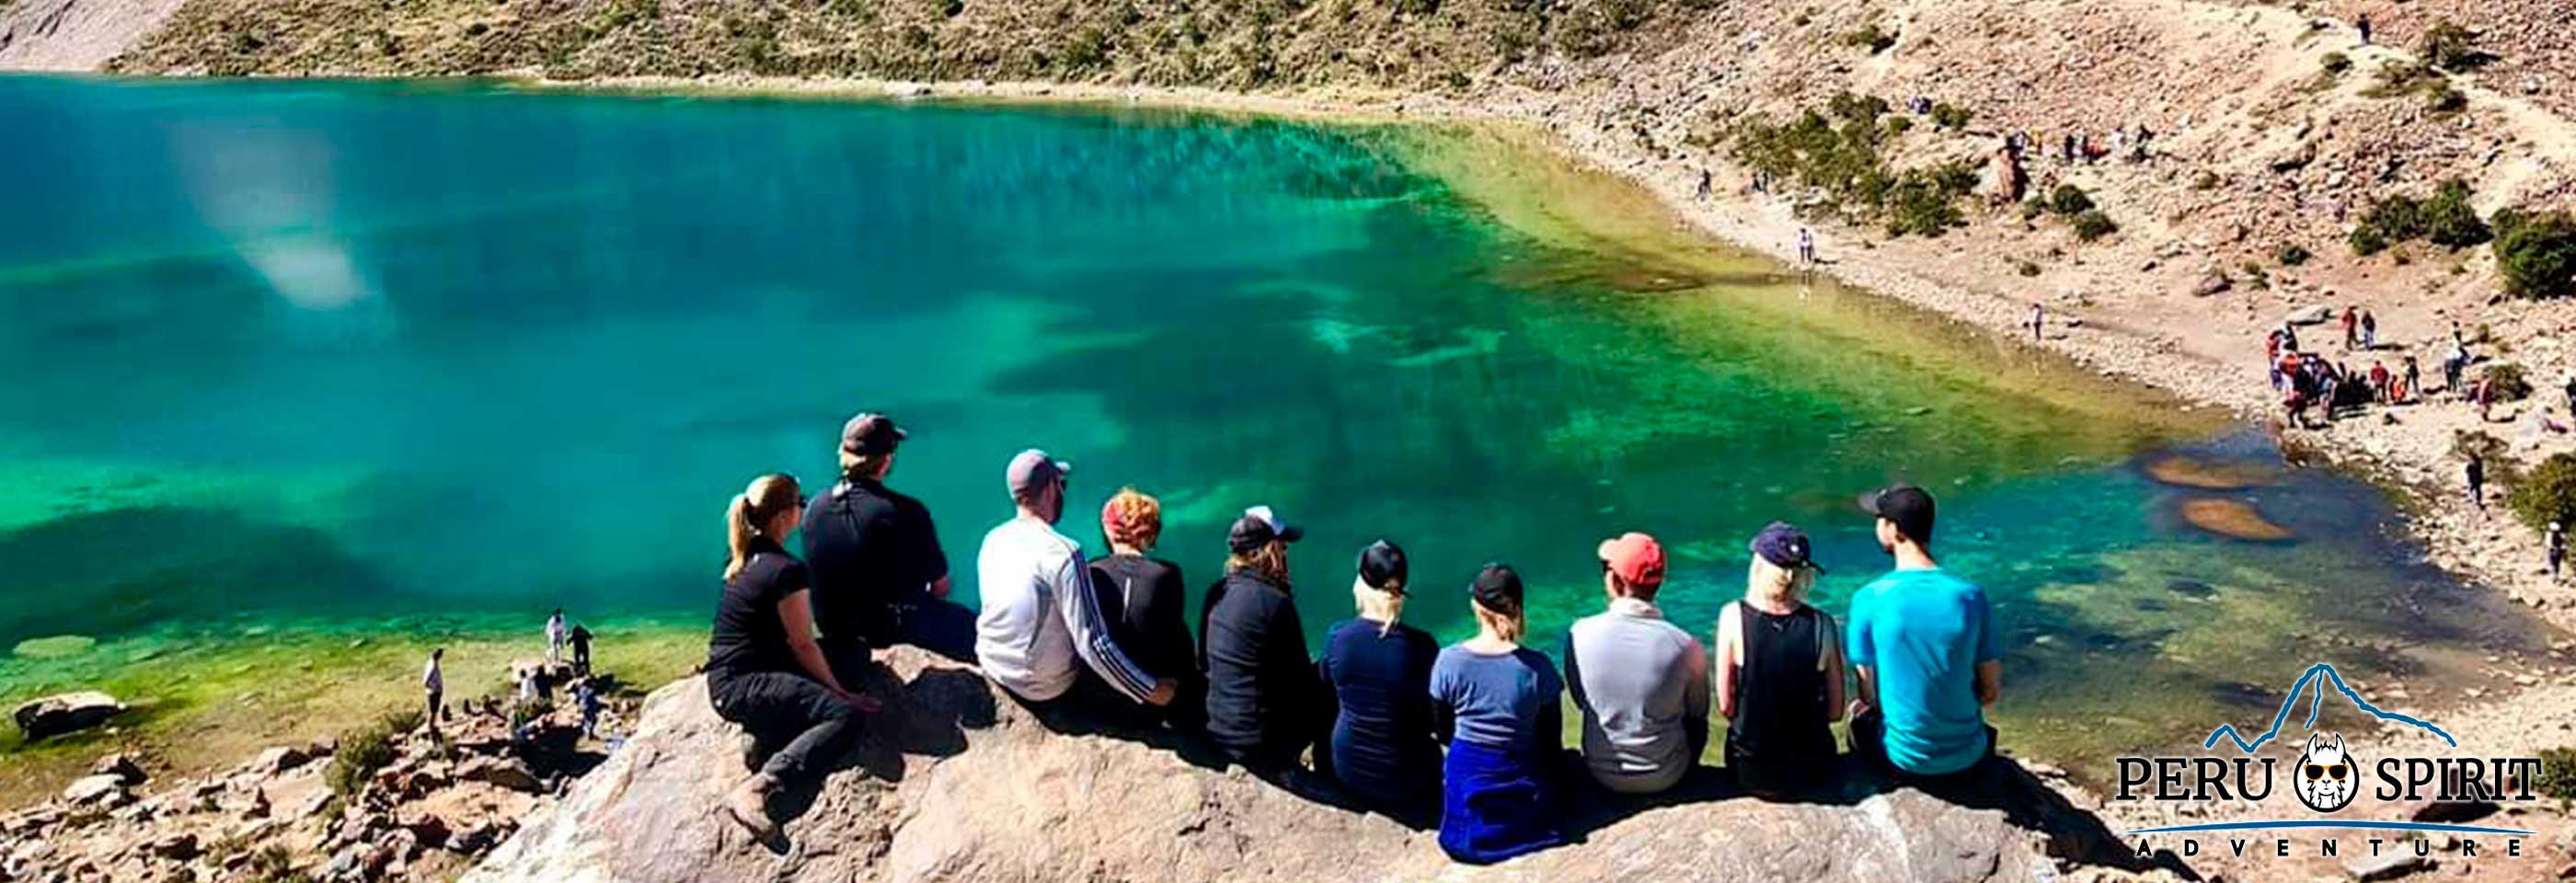 Humantay lake tour Full Day